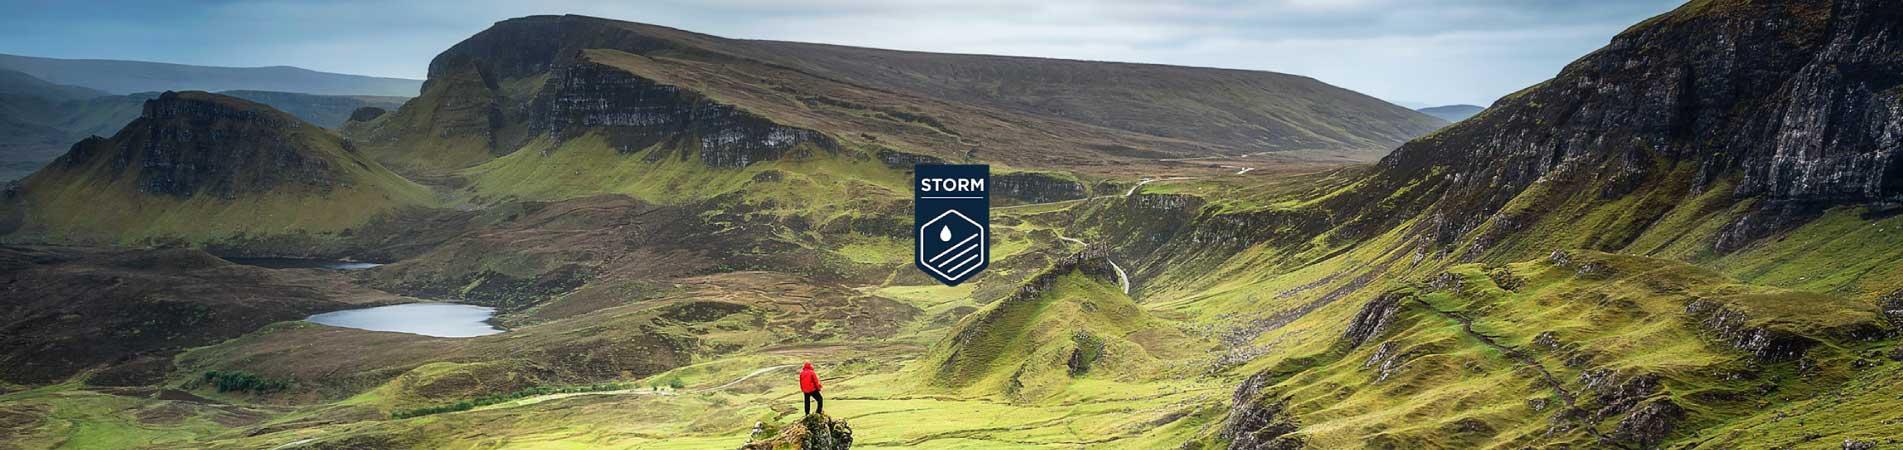 storm-care-brand-banner.jpg